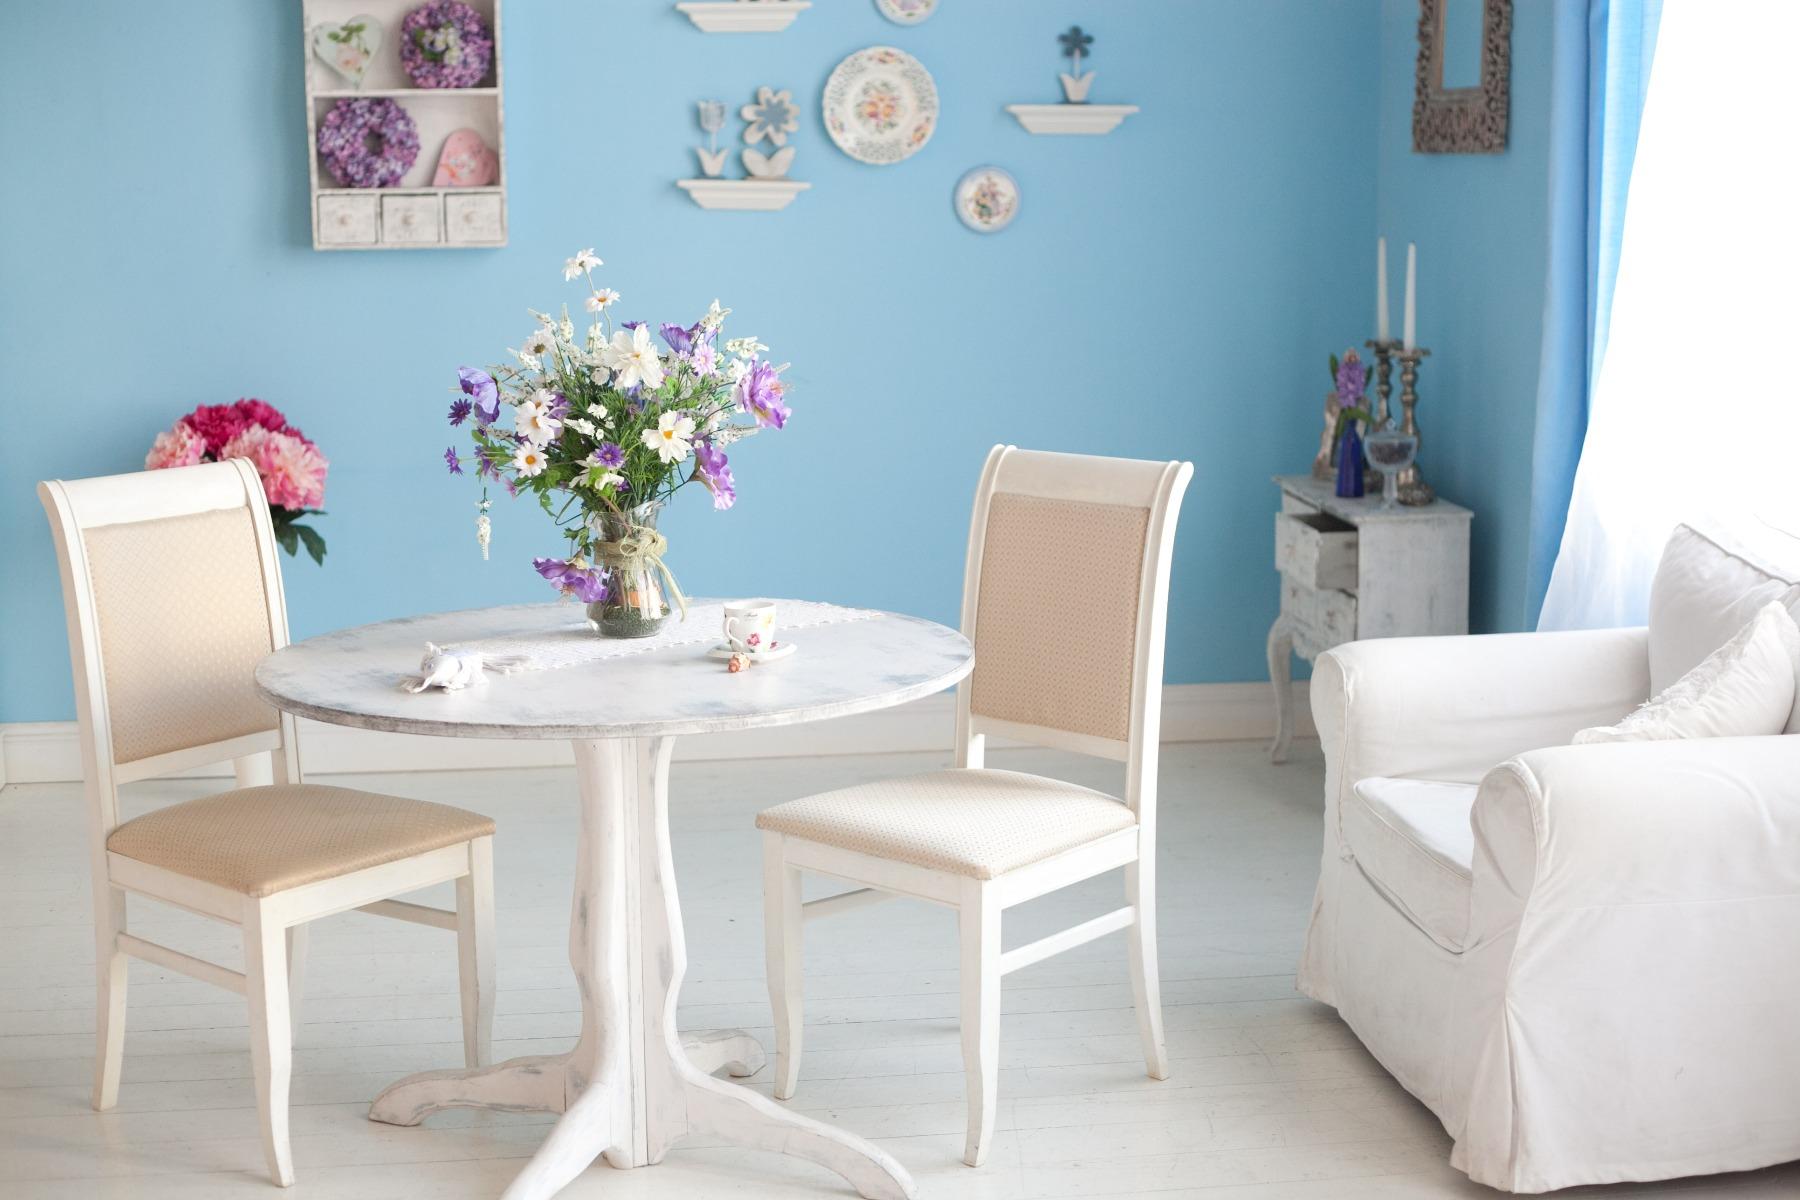 Das Bild zeigt ein Zimmer im Shabby Chic Stil.